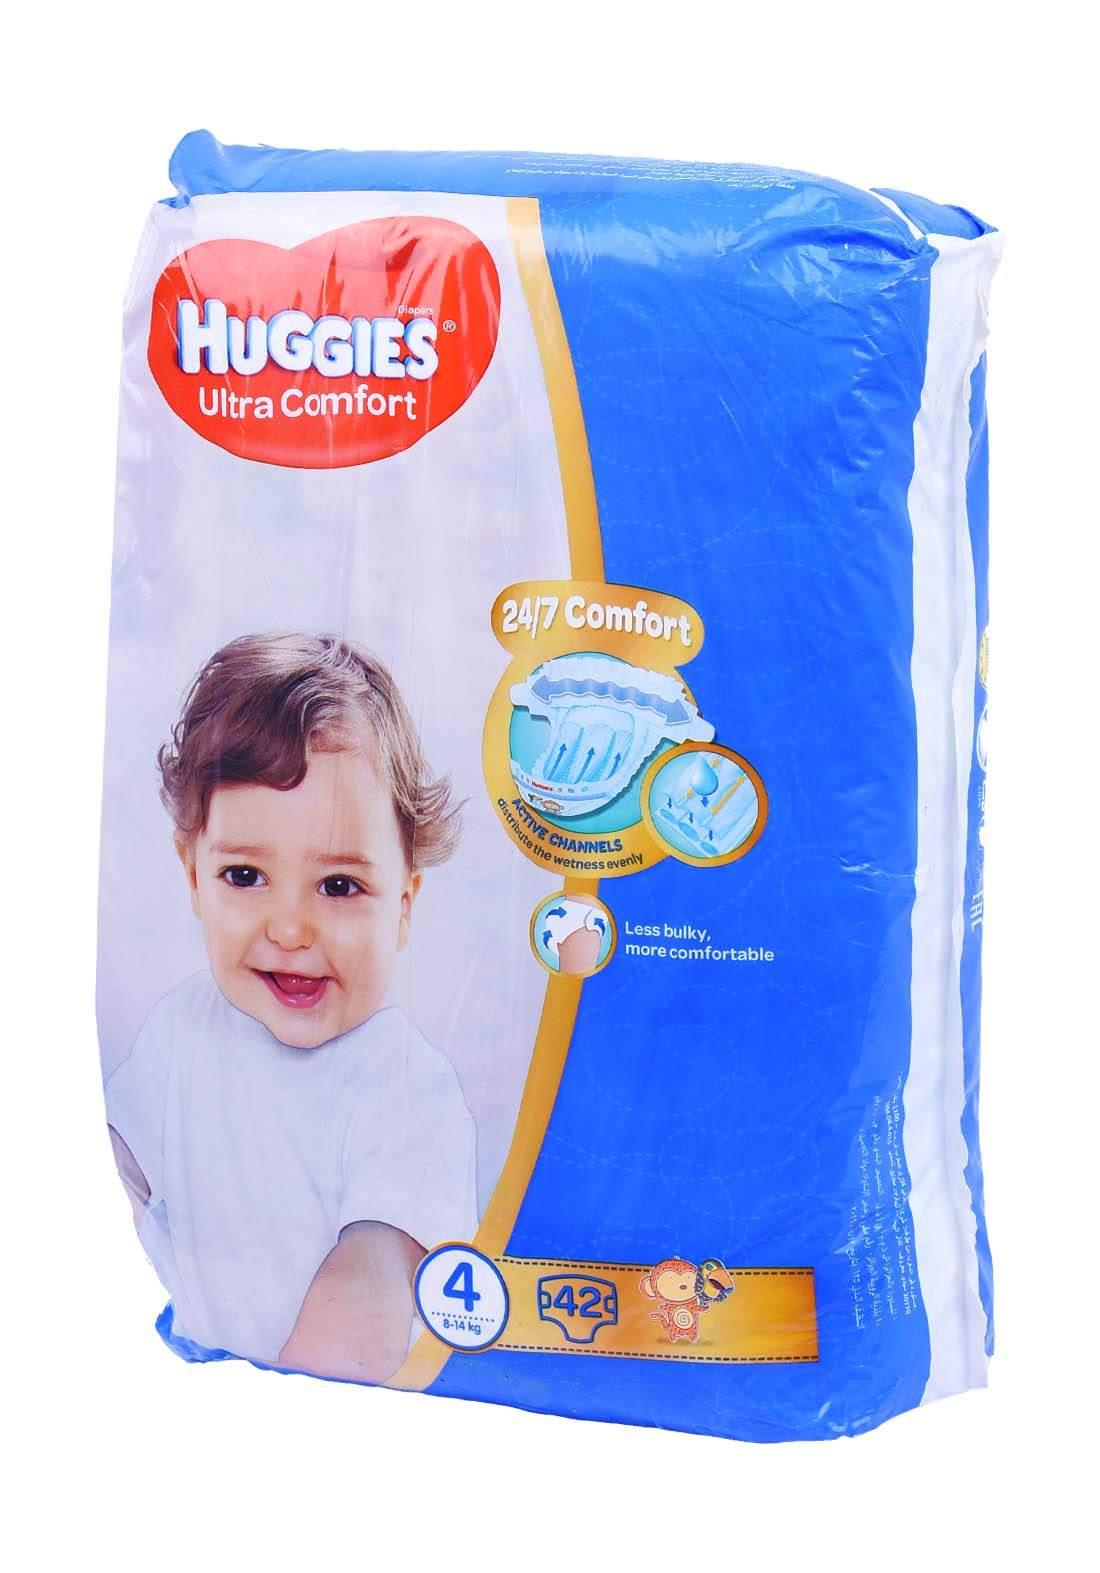 Huggies 8-14 Kg 42 Pcs حفاضات هجيز للاطفال عادي رقم 4